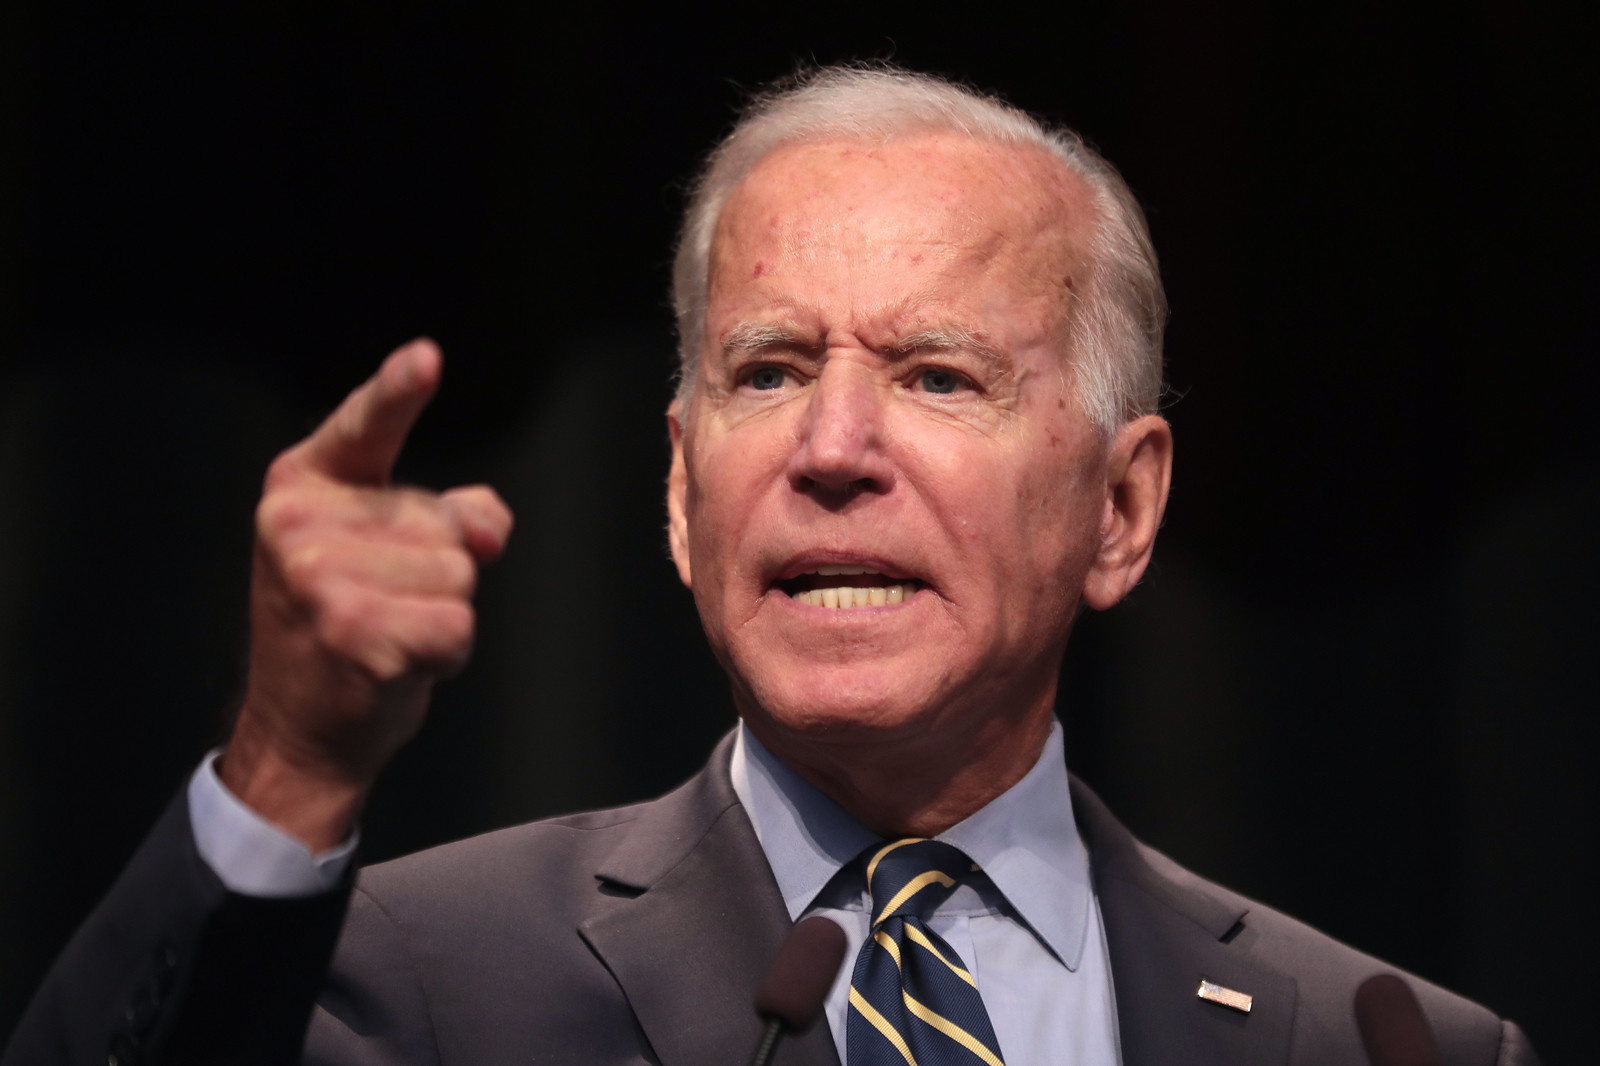 Biden gestures while speaking